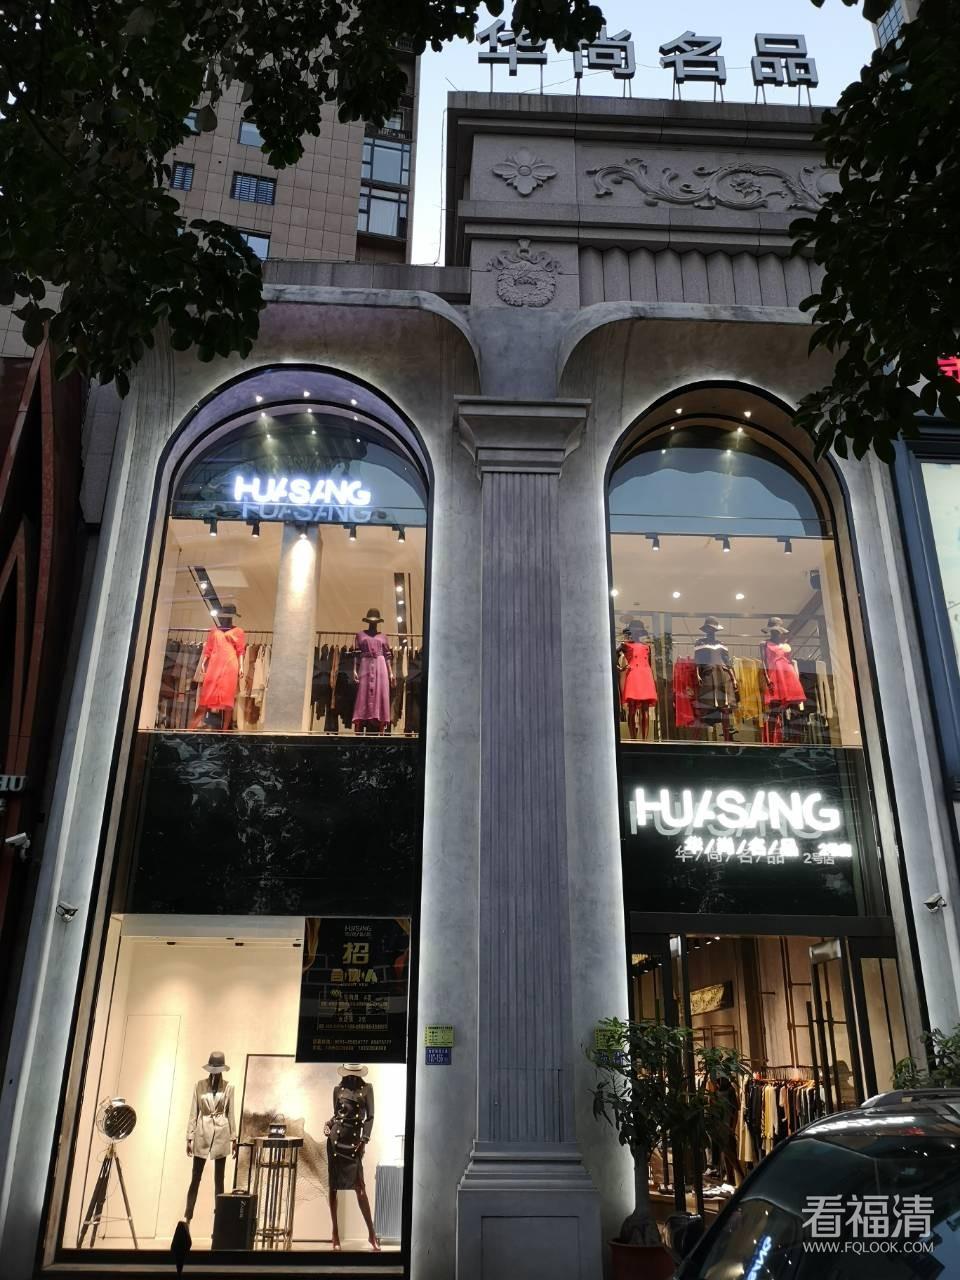 华尚名品女装店因业务繁忙之需,需大量招收女导购员,